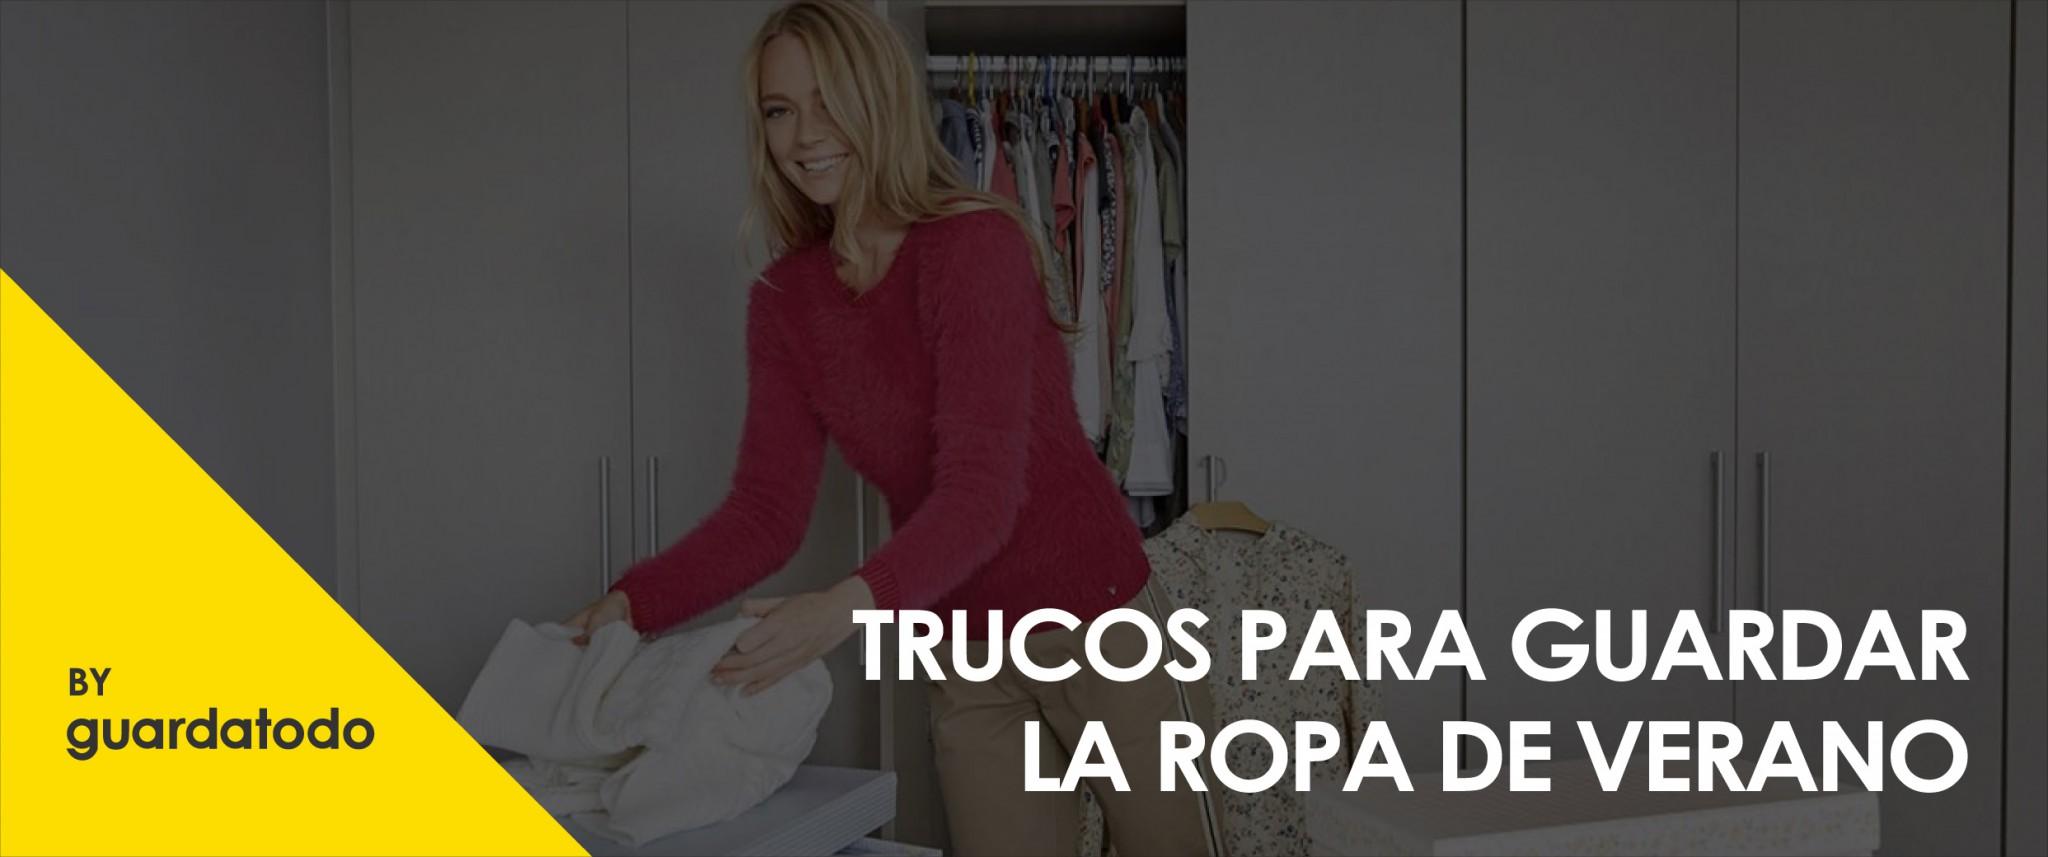 TRUCOS PARA GUARDA LA ROPA DE VERANO 9-01